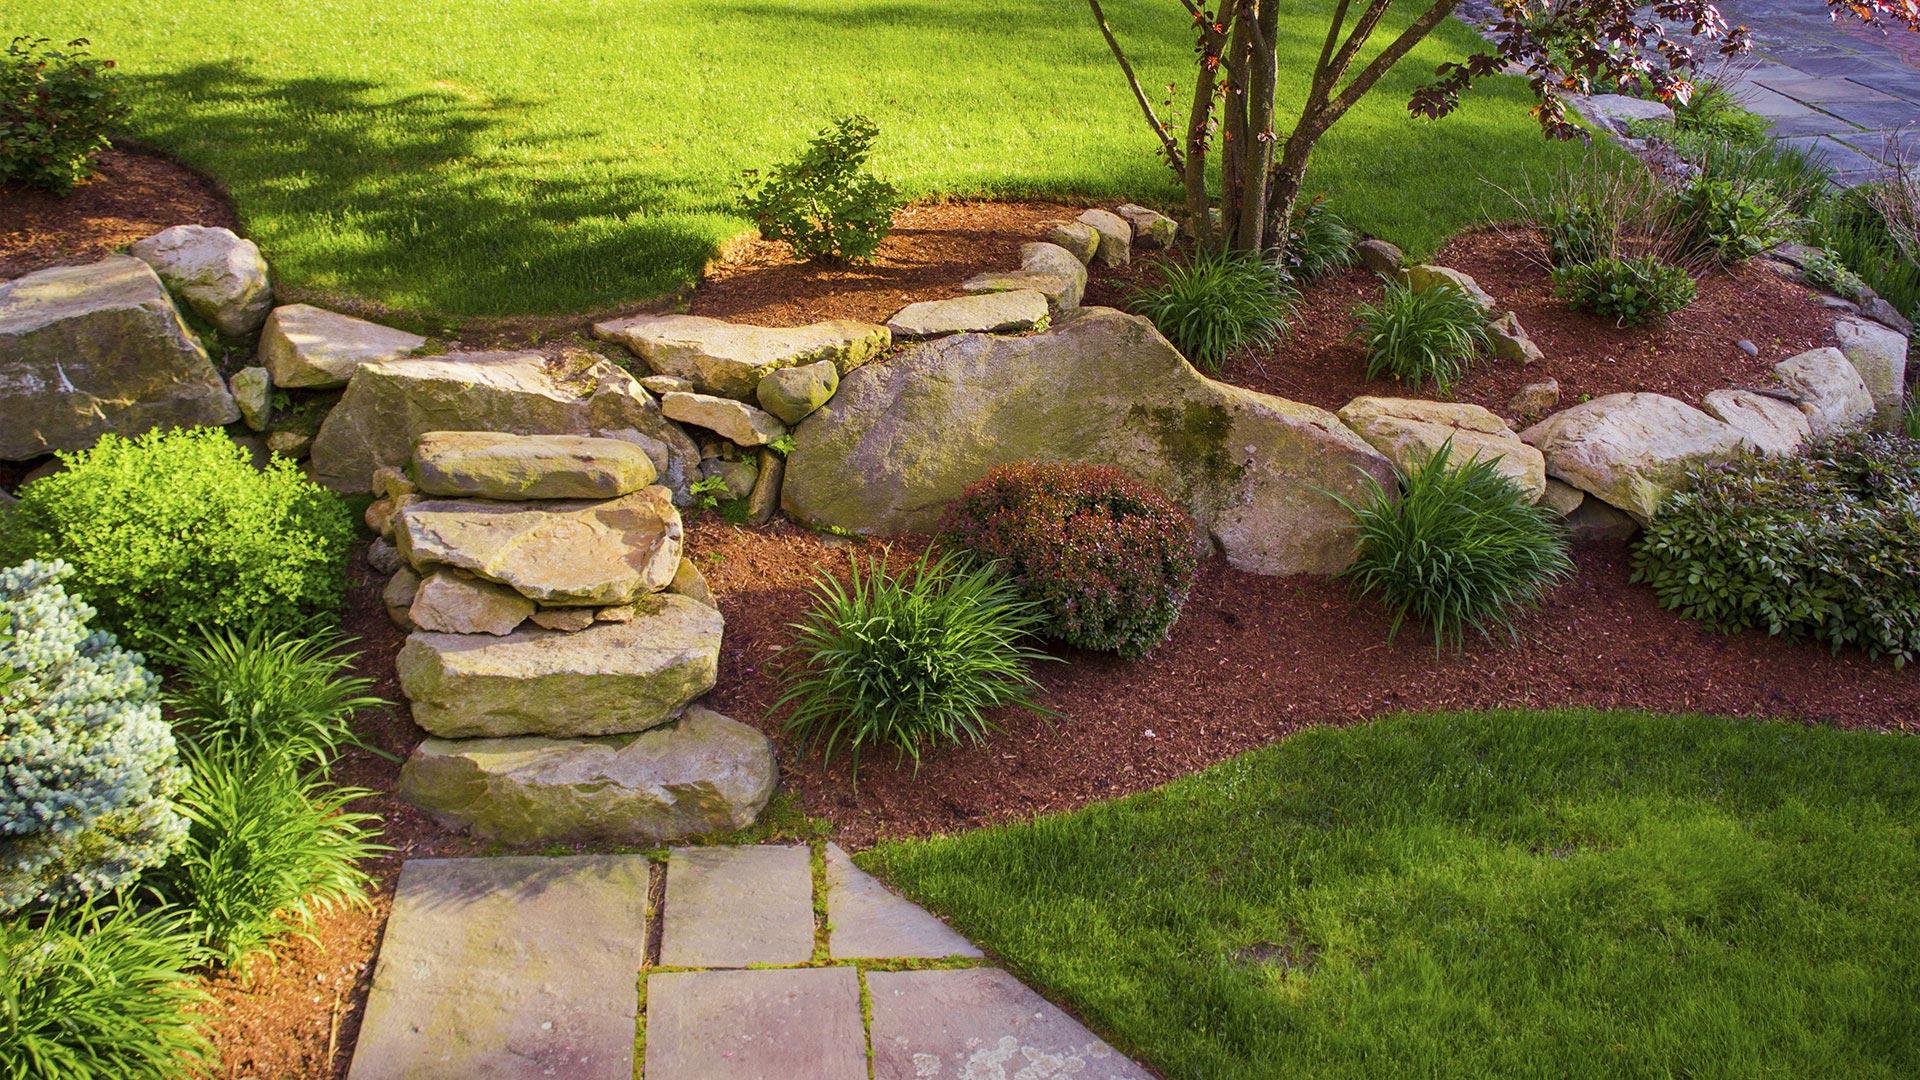 Sibrian Landscaping Commercial Property Maintenance, Commercial Landscaping and Commercial Garden Design slide 3